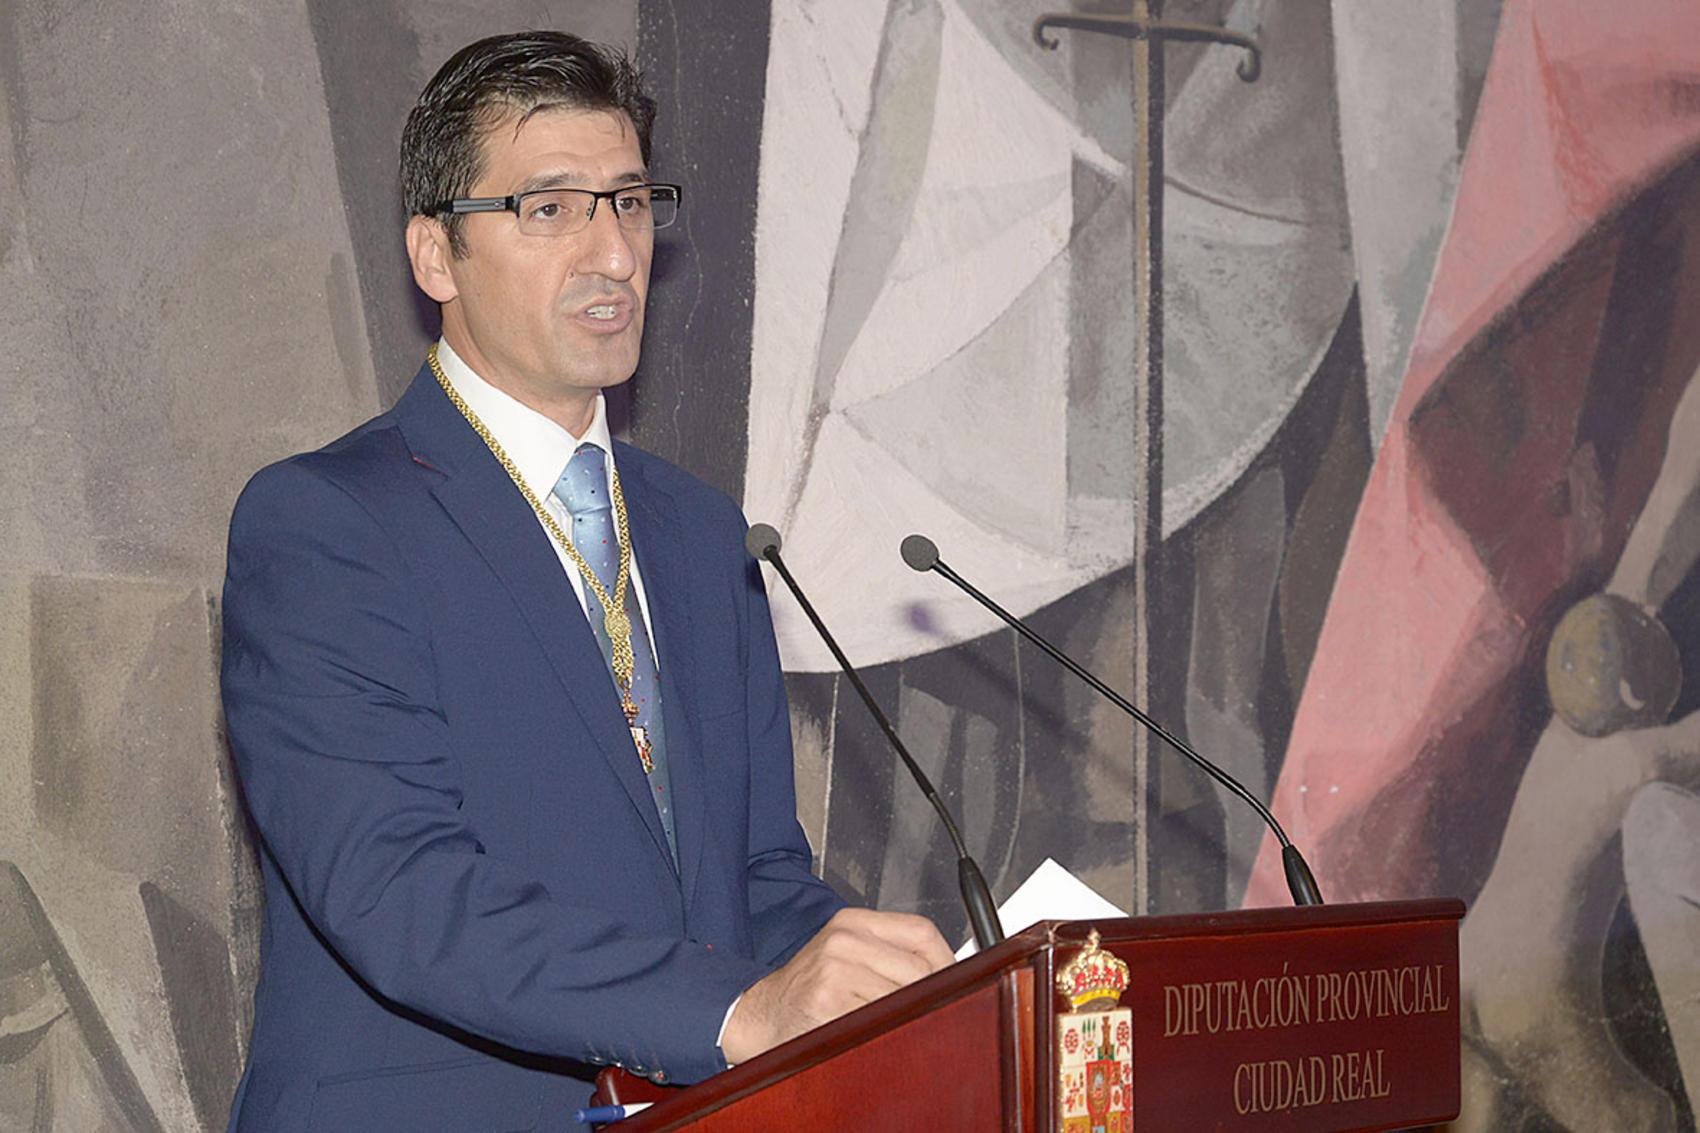 Jose Manuel Caballero se convierte en el sexto presidente de la Diputación provincial de la etapa democrática